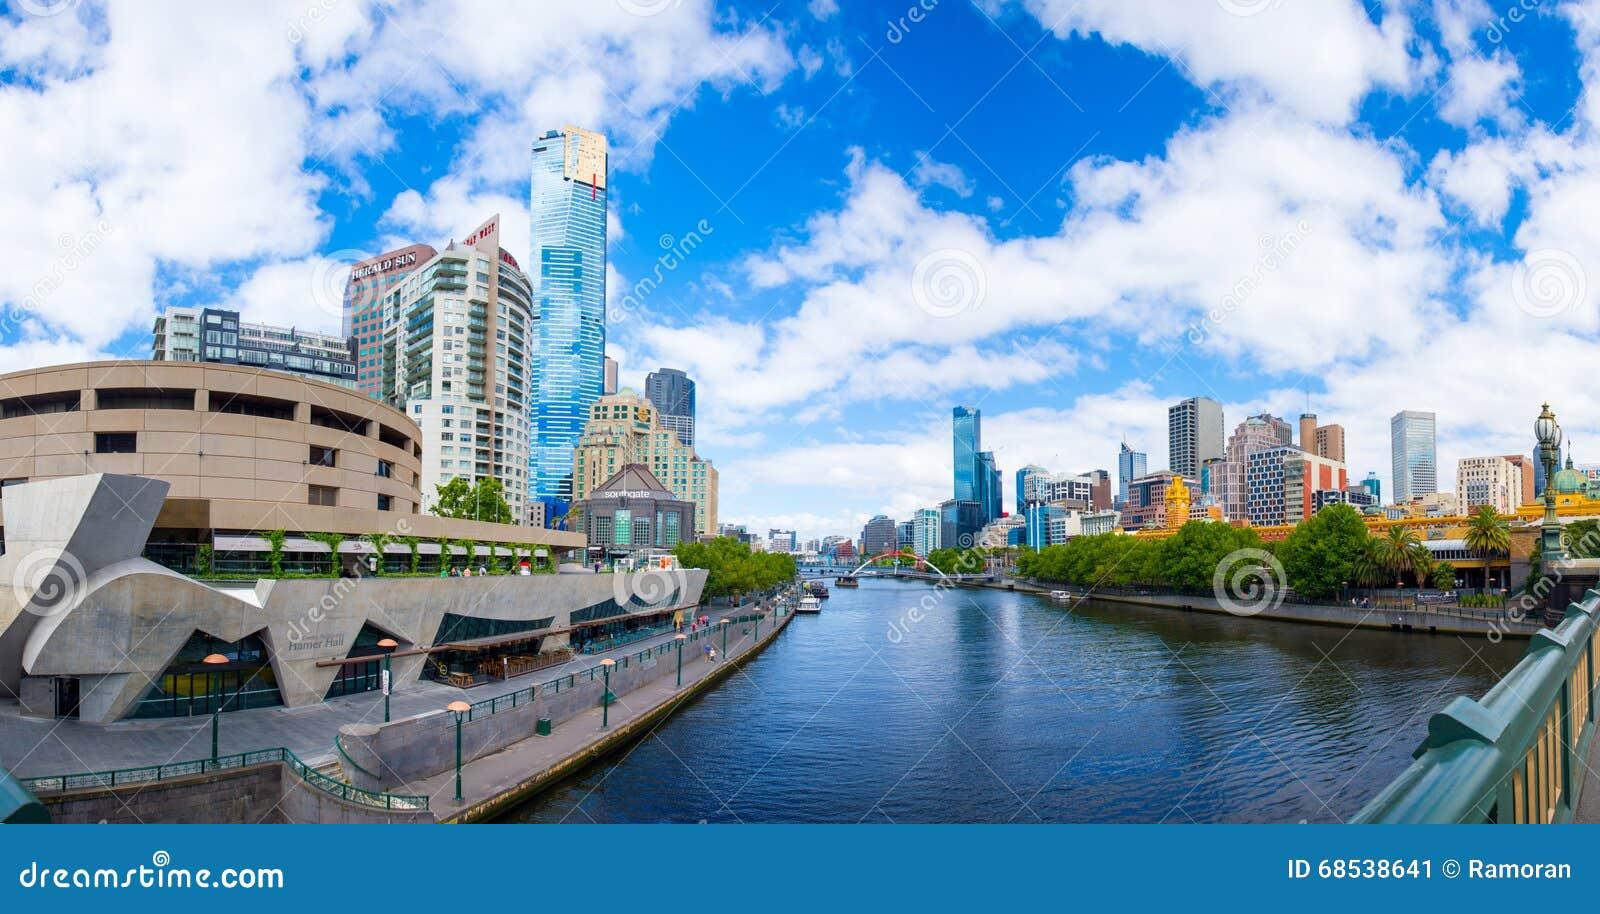 墨尔本都市风景